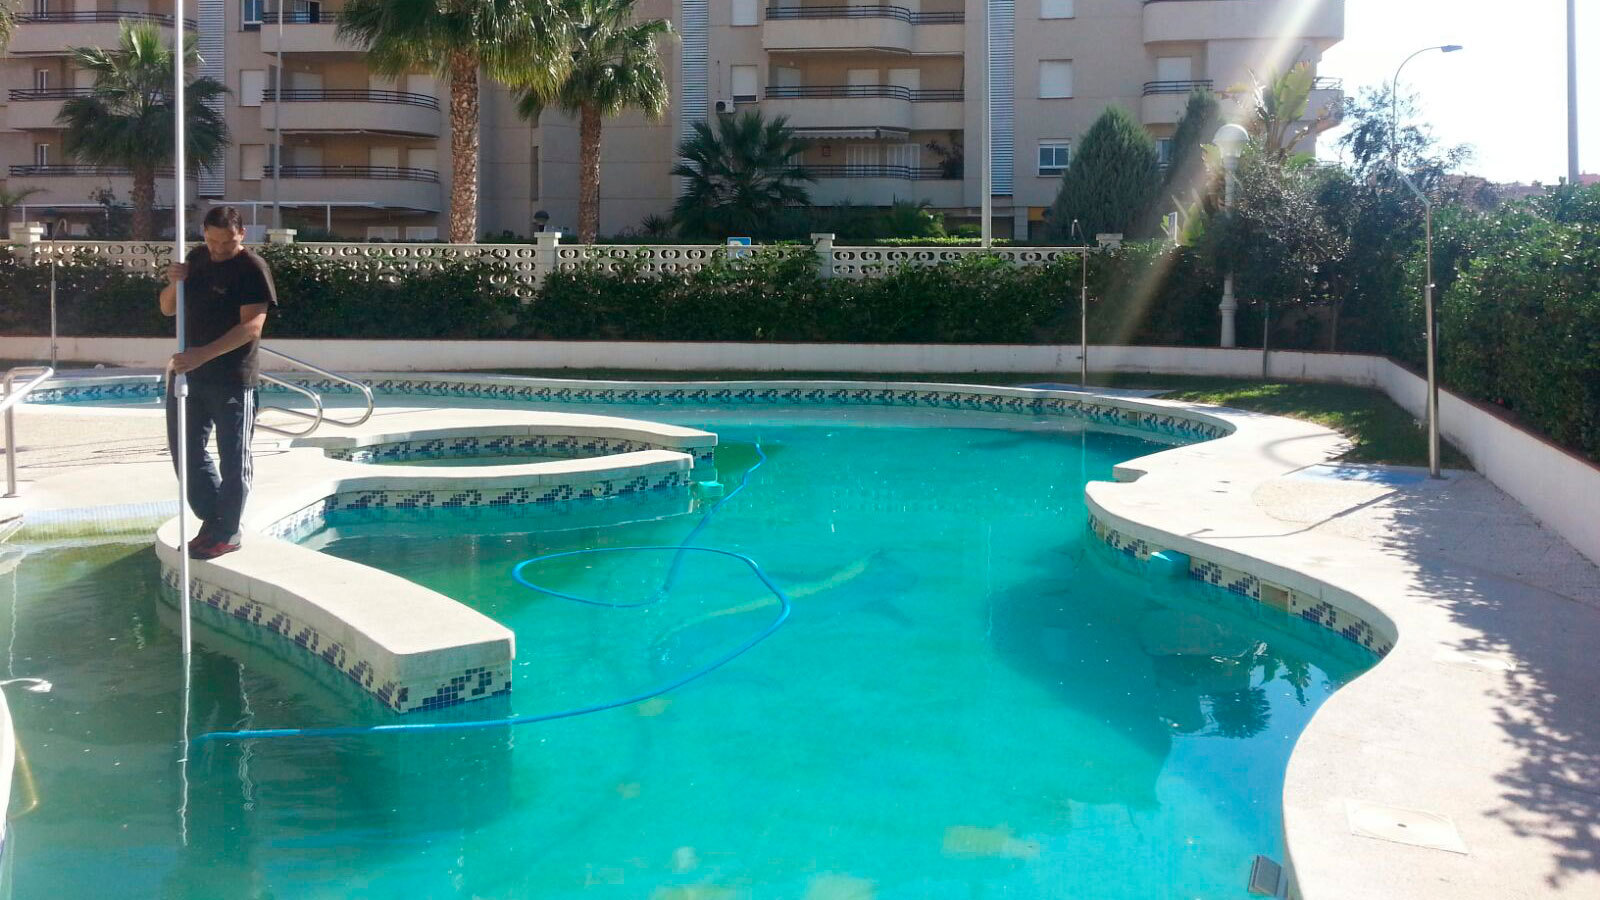 La importancia del mantenimiento de piscinas menorca for Piscinas de sal mantenimiento